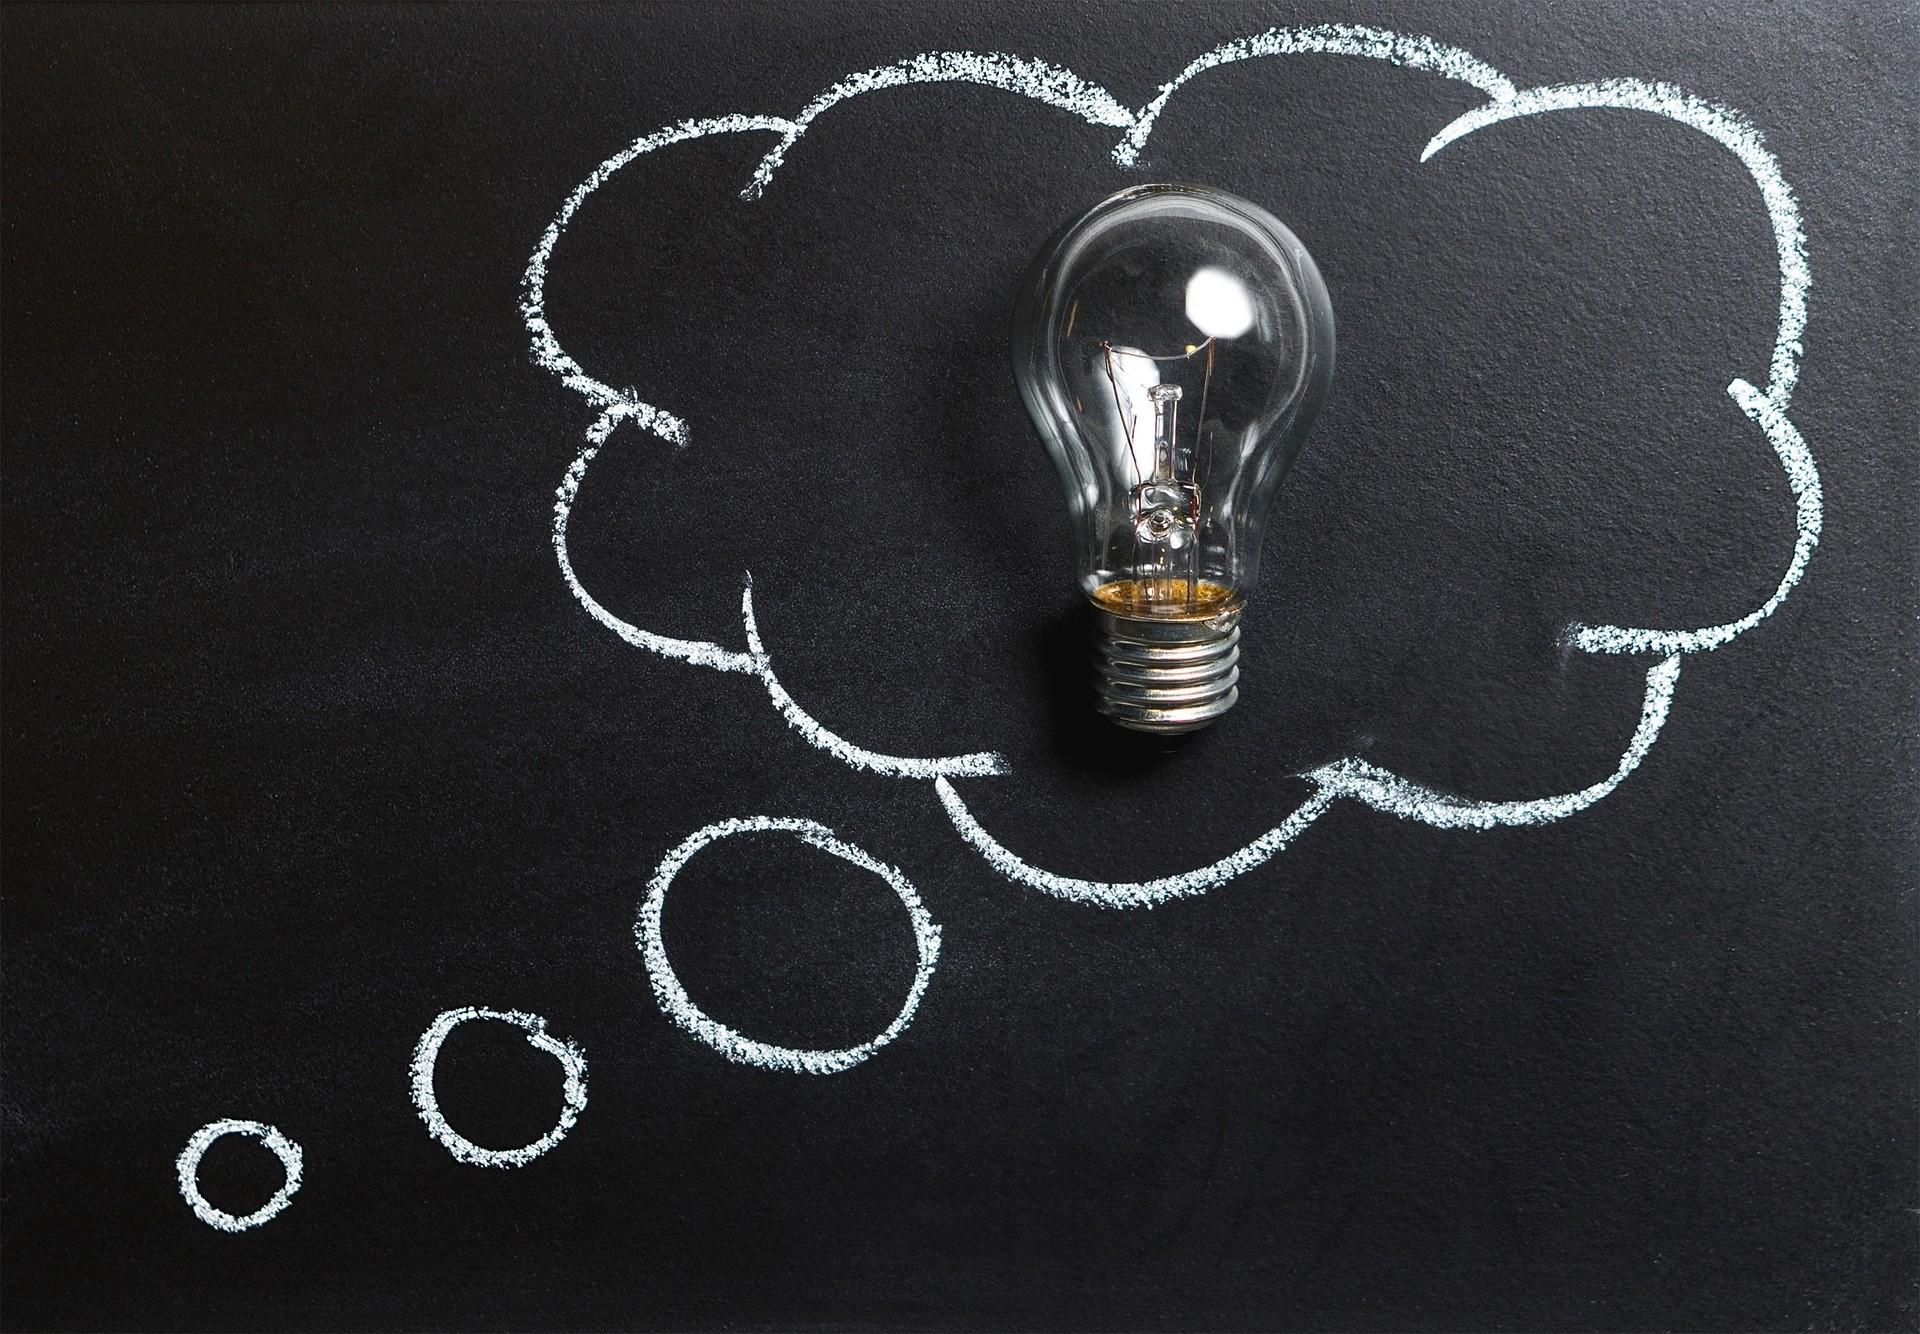 5 эффективных способов улучшить память и концентрацию внимания